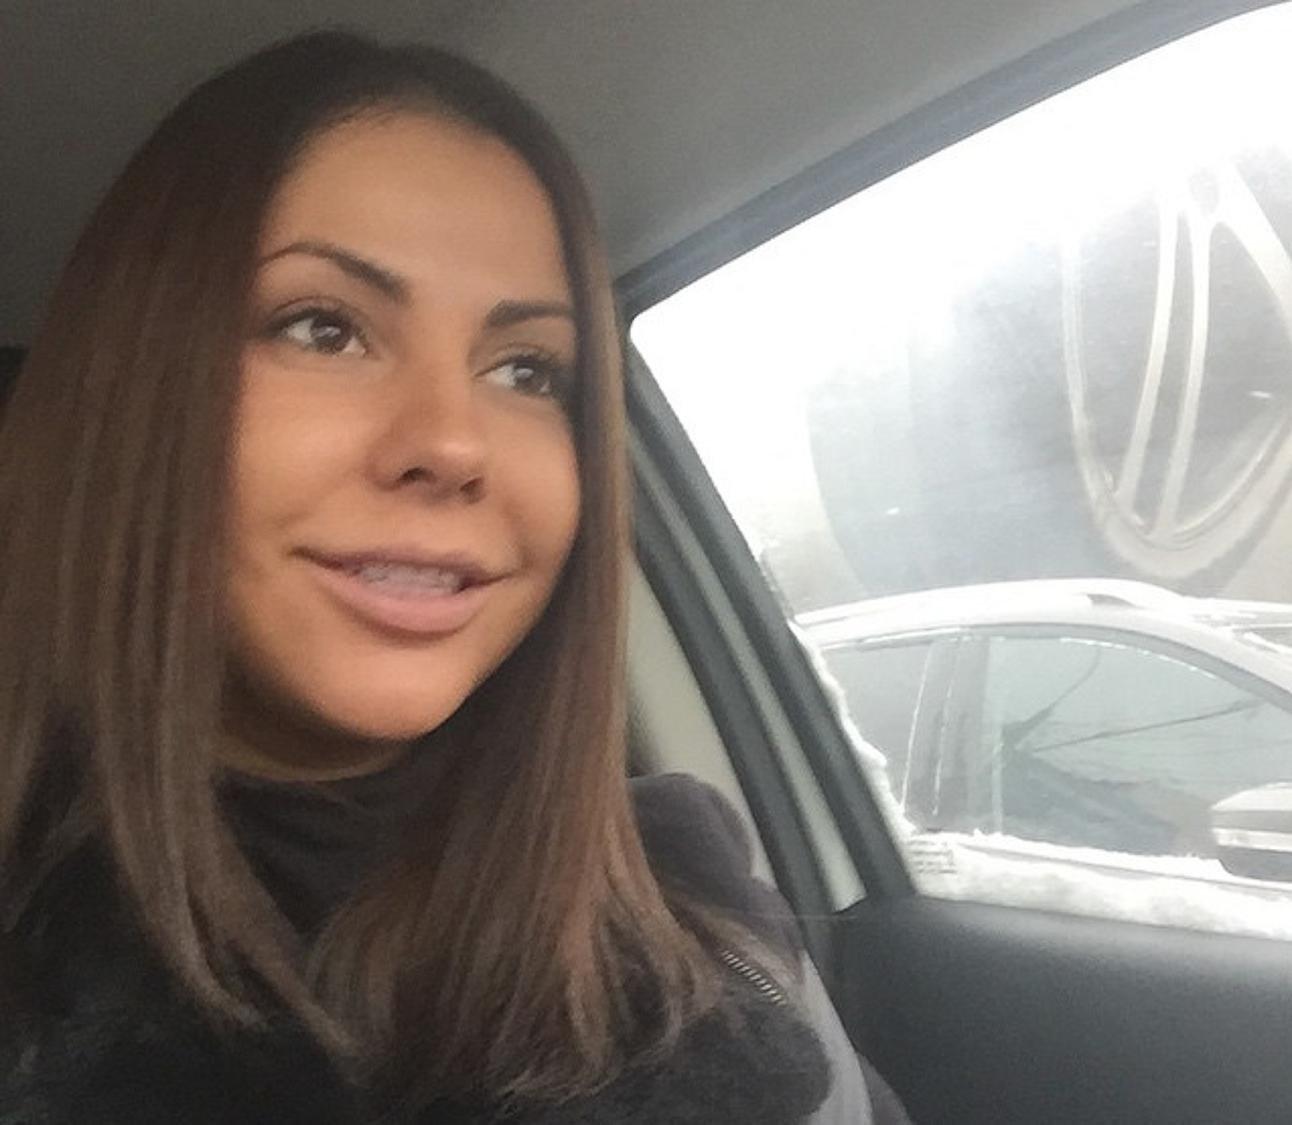 Русское порно мамаша застукала юного сынка за дрочкой онлайн порно на Бобр.Тв